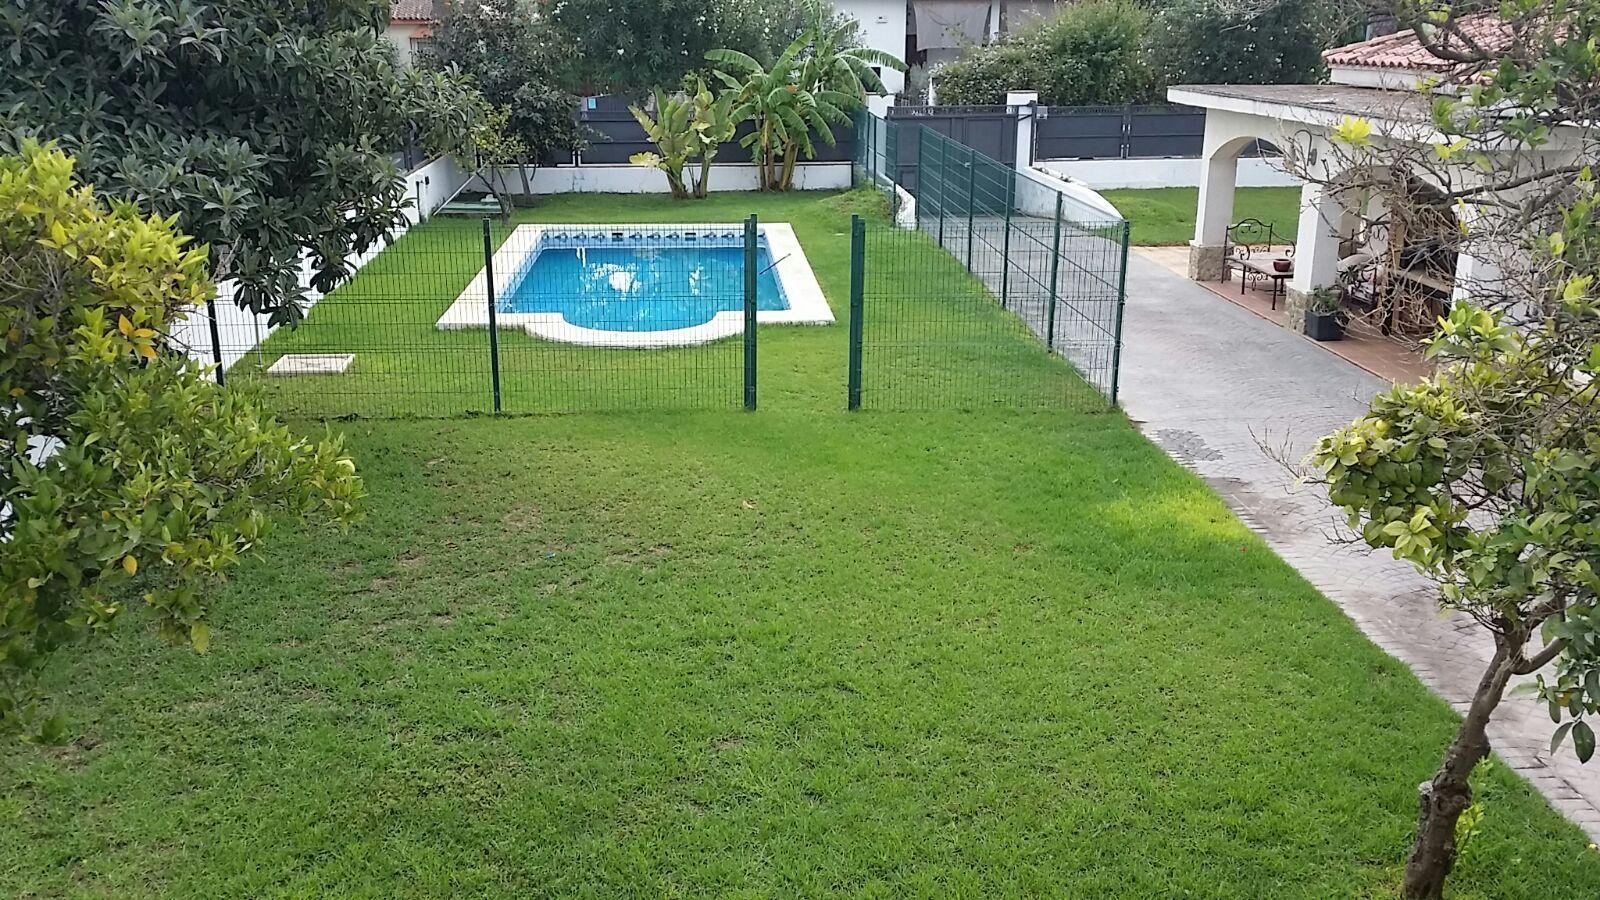 Villa in Puerto de Santa María, El, URBANIZACIONES, for sale